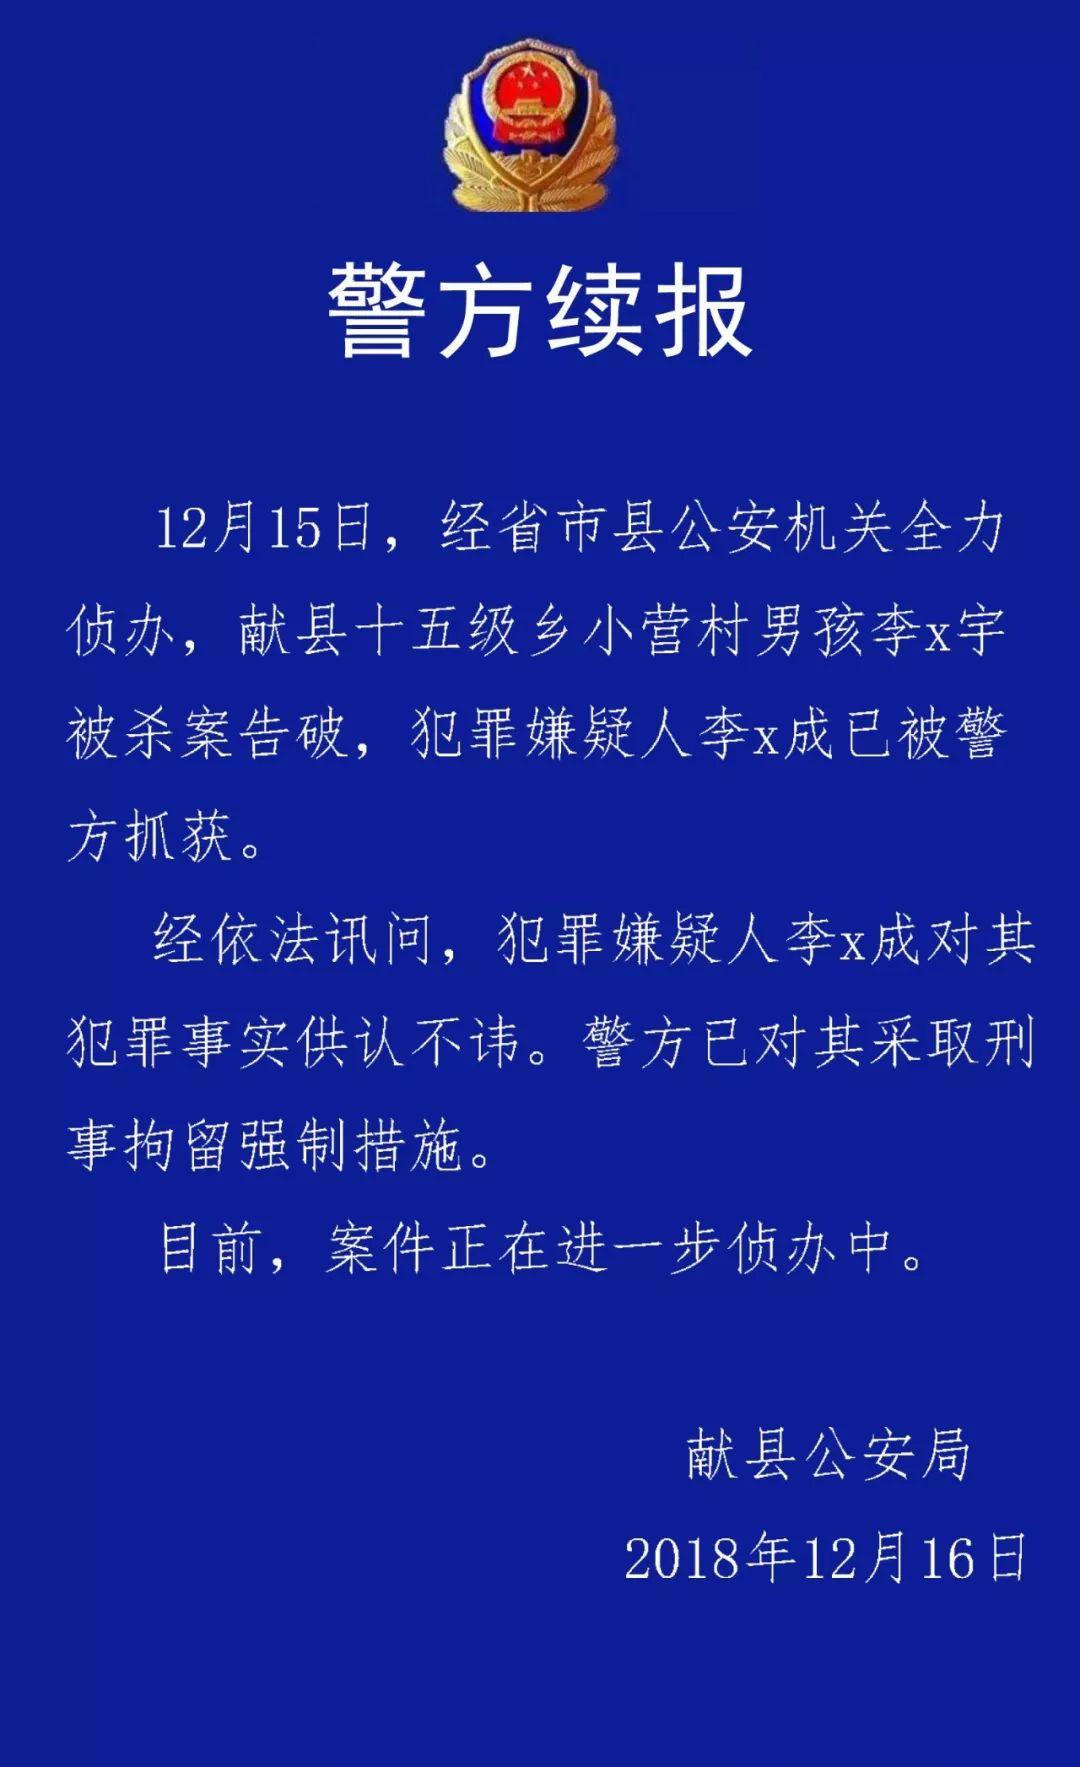 """埋尸现场曝光:杀害献县男孩的疑犯竟是同村李姓""""邻居""""!"""